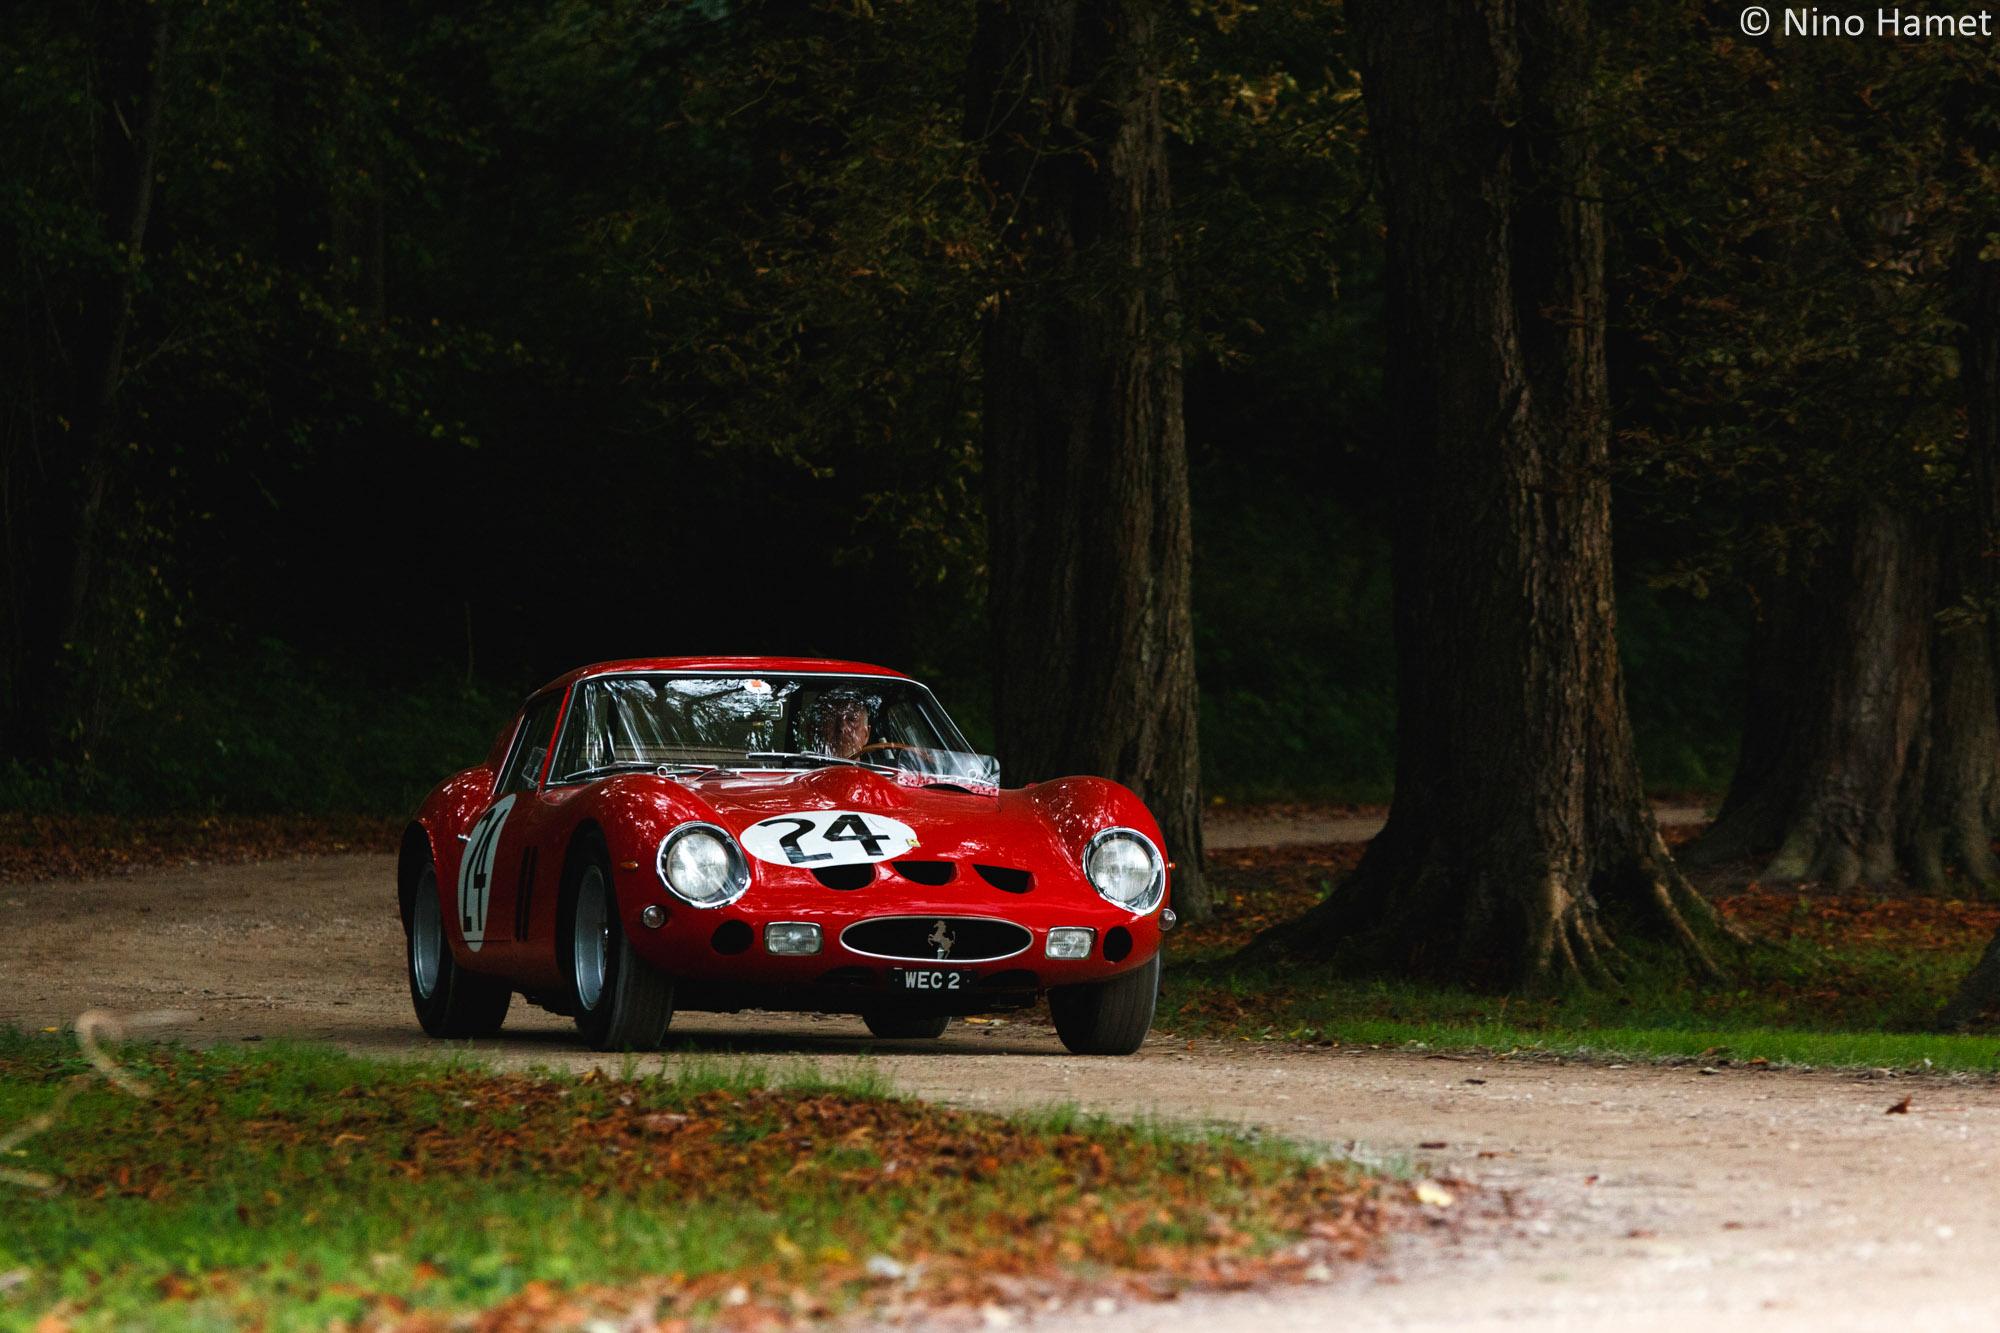 Ferrari 250 GTO #4293GT – 1962